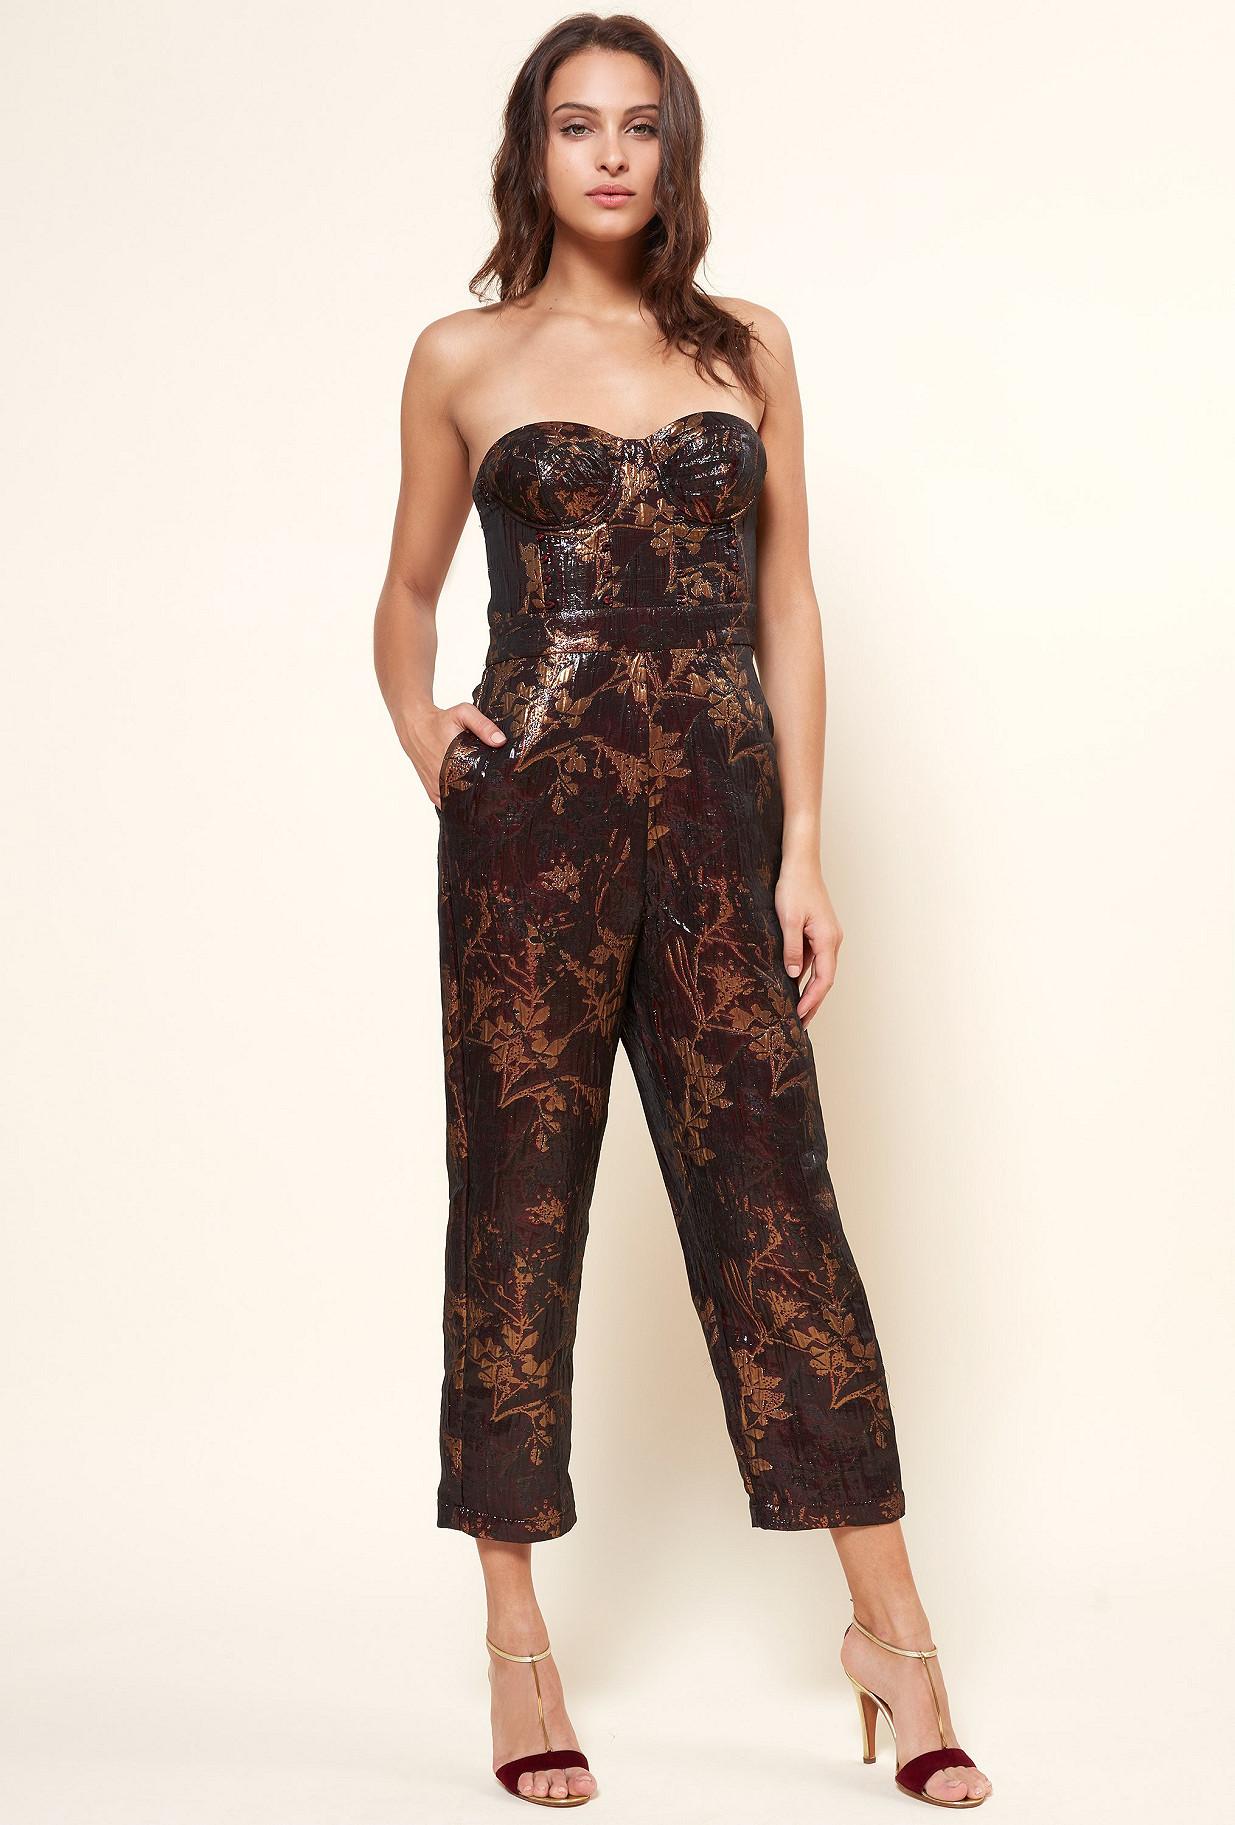 Red  Jumpsuit  Quantum Mes demoiselles fashion clothes designer Paris